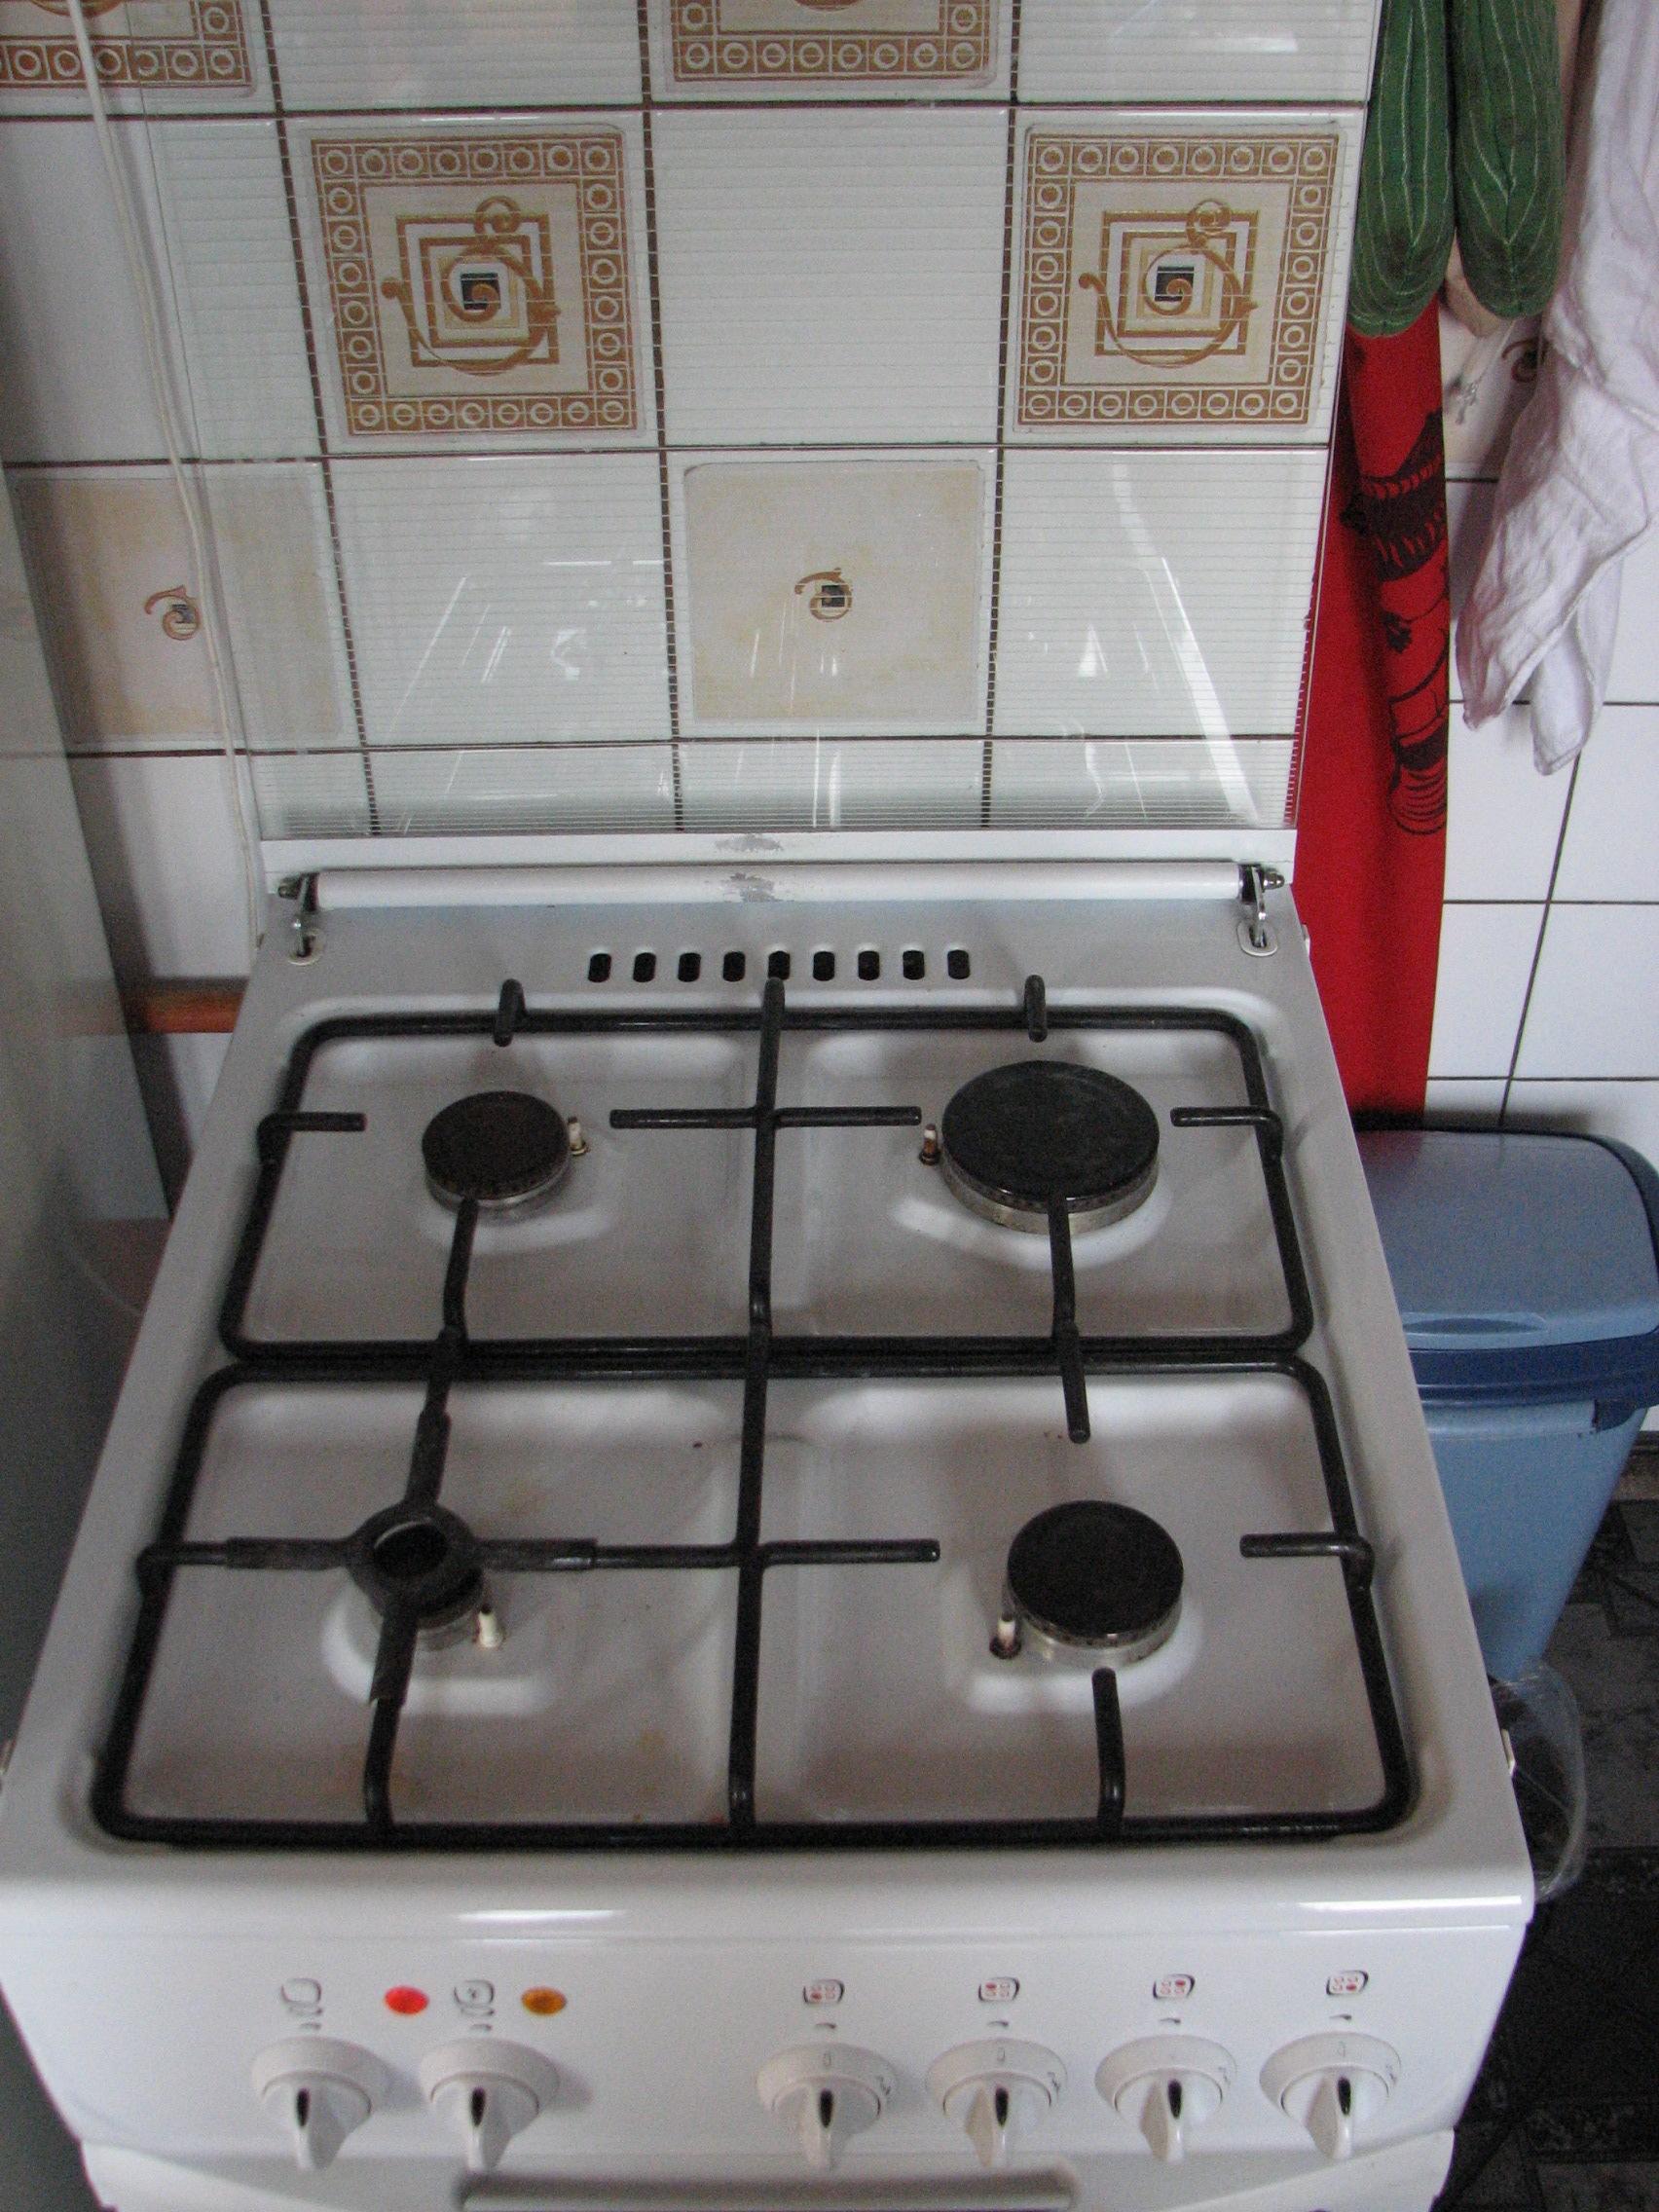 Kuchnia gazowo elektryczna Mastercook prośba o identyfikację typu -> Kuchnia Gazowo Elektryczna Mastercook Wrozamet